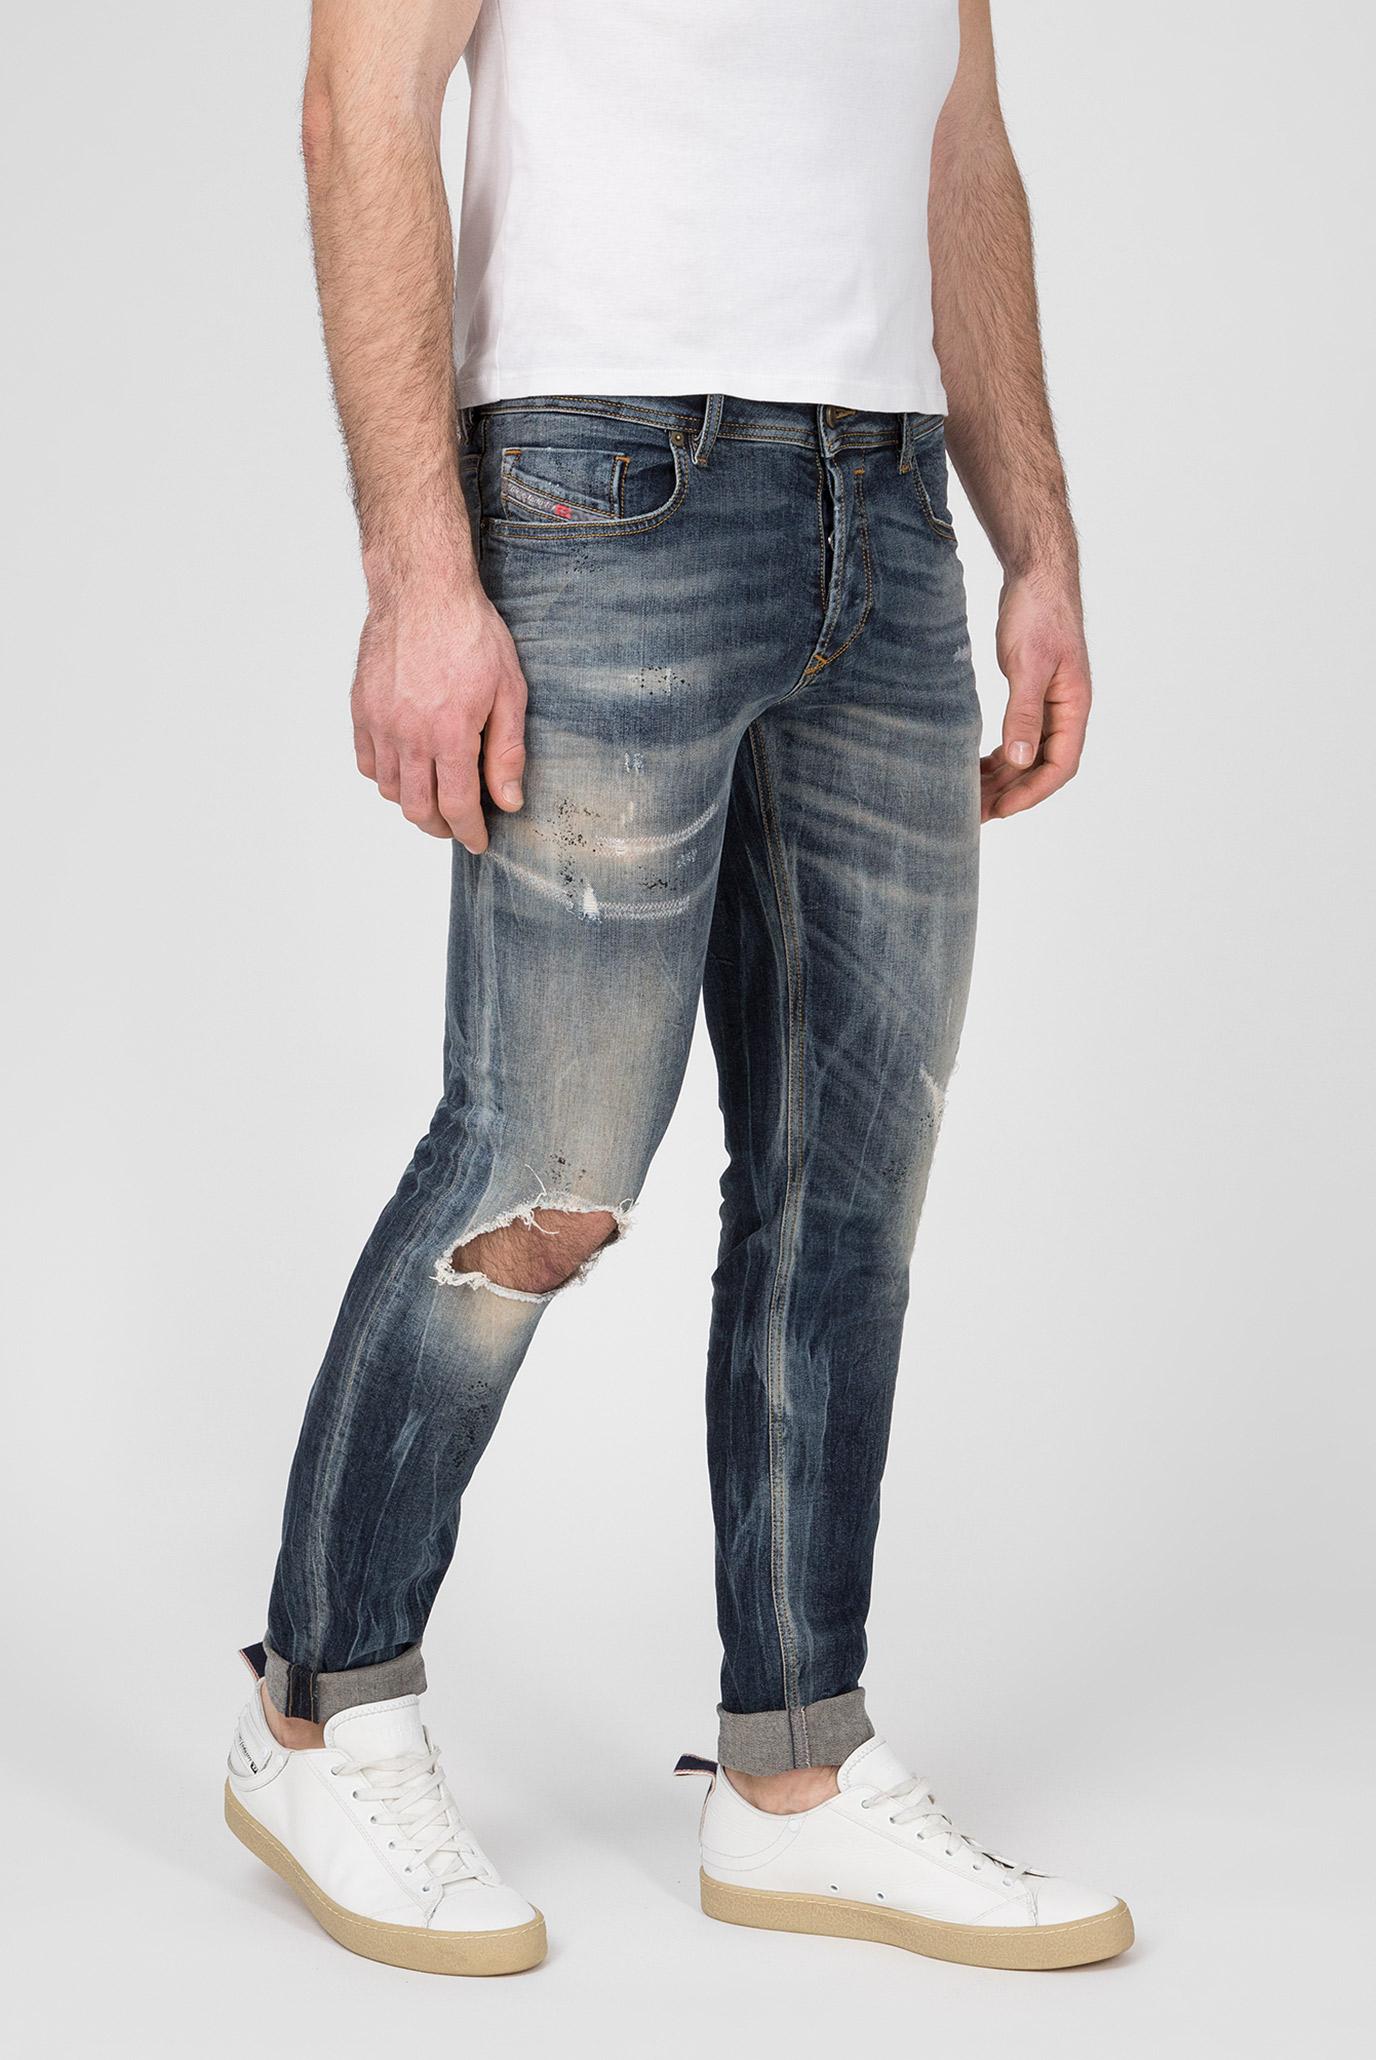 Купить Мужские синие джинсы Diesel Diesel 00S7VG 069DJ – Киев, Украина. Цены в интернет магазине MD Fashion